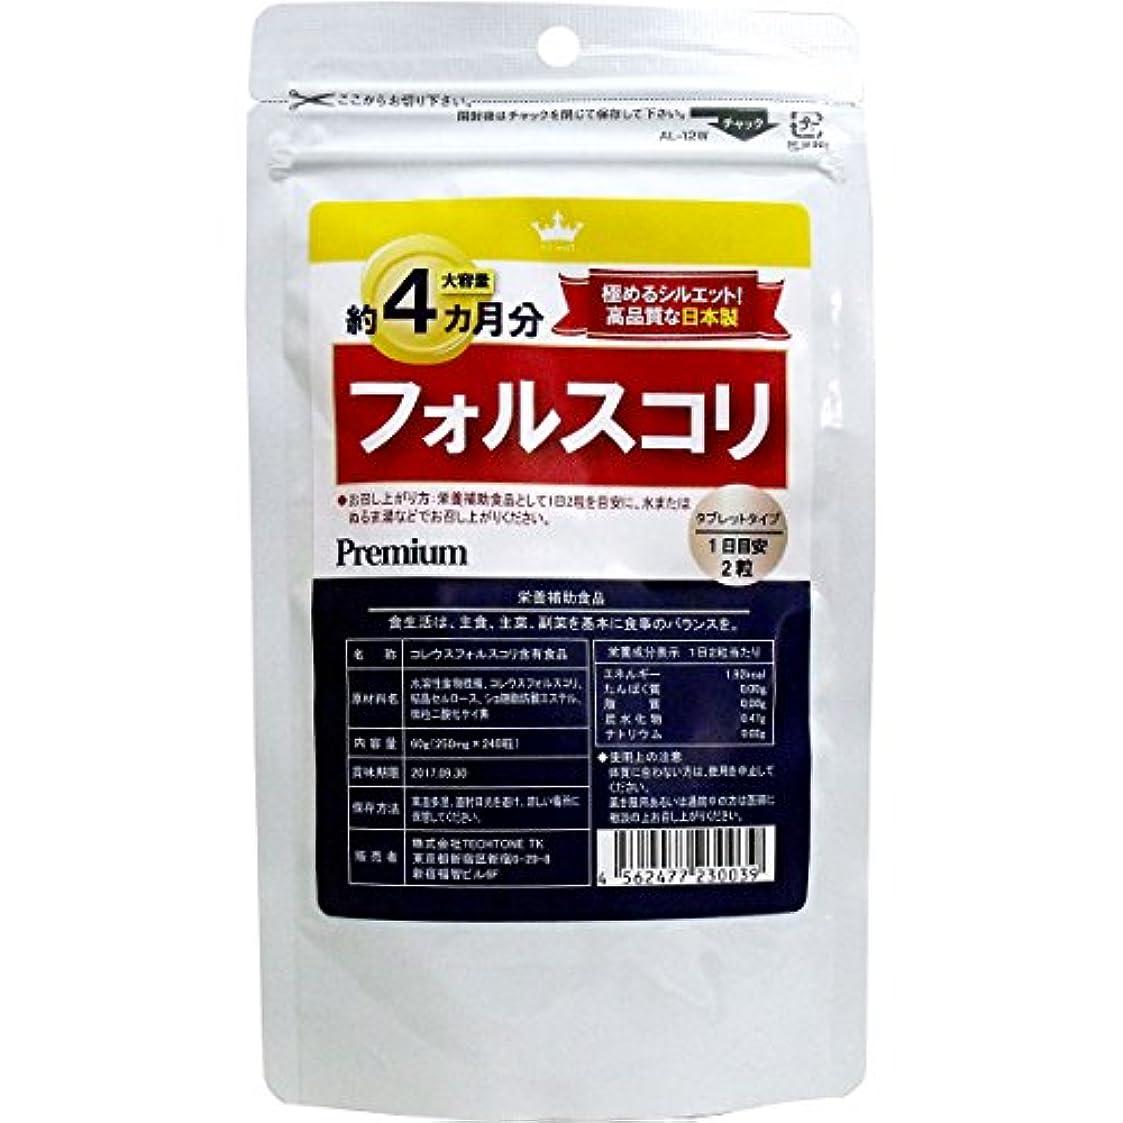 また明日ねうまれた財政サプリメント 高品質な日本製 健康食品 フォルスコリ 約4カ月分 240粒入